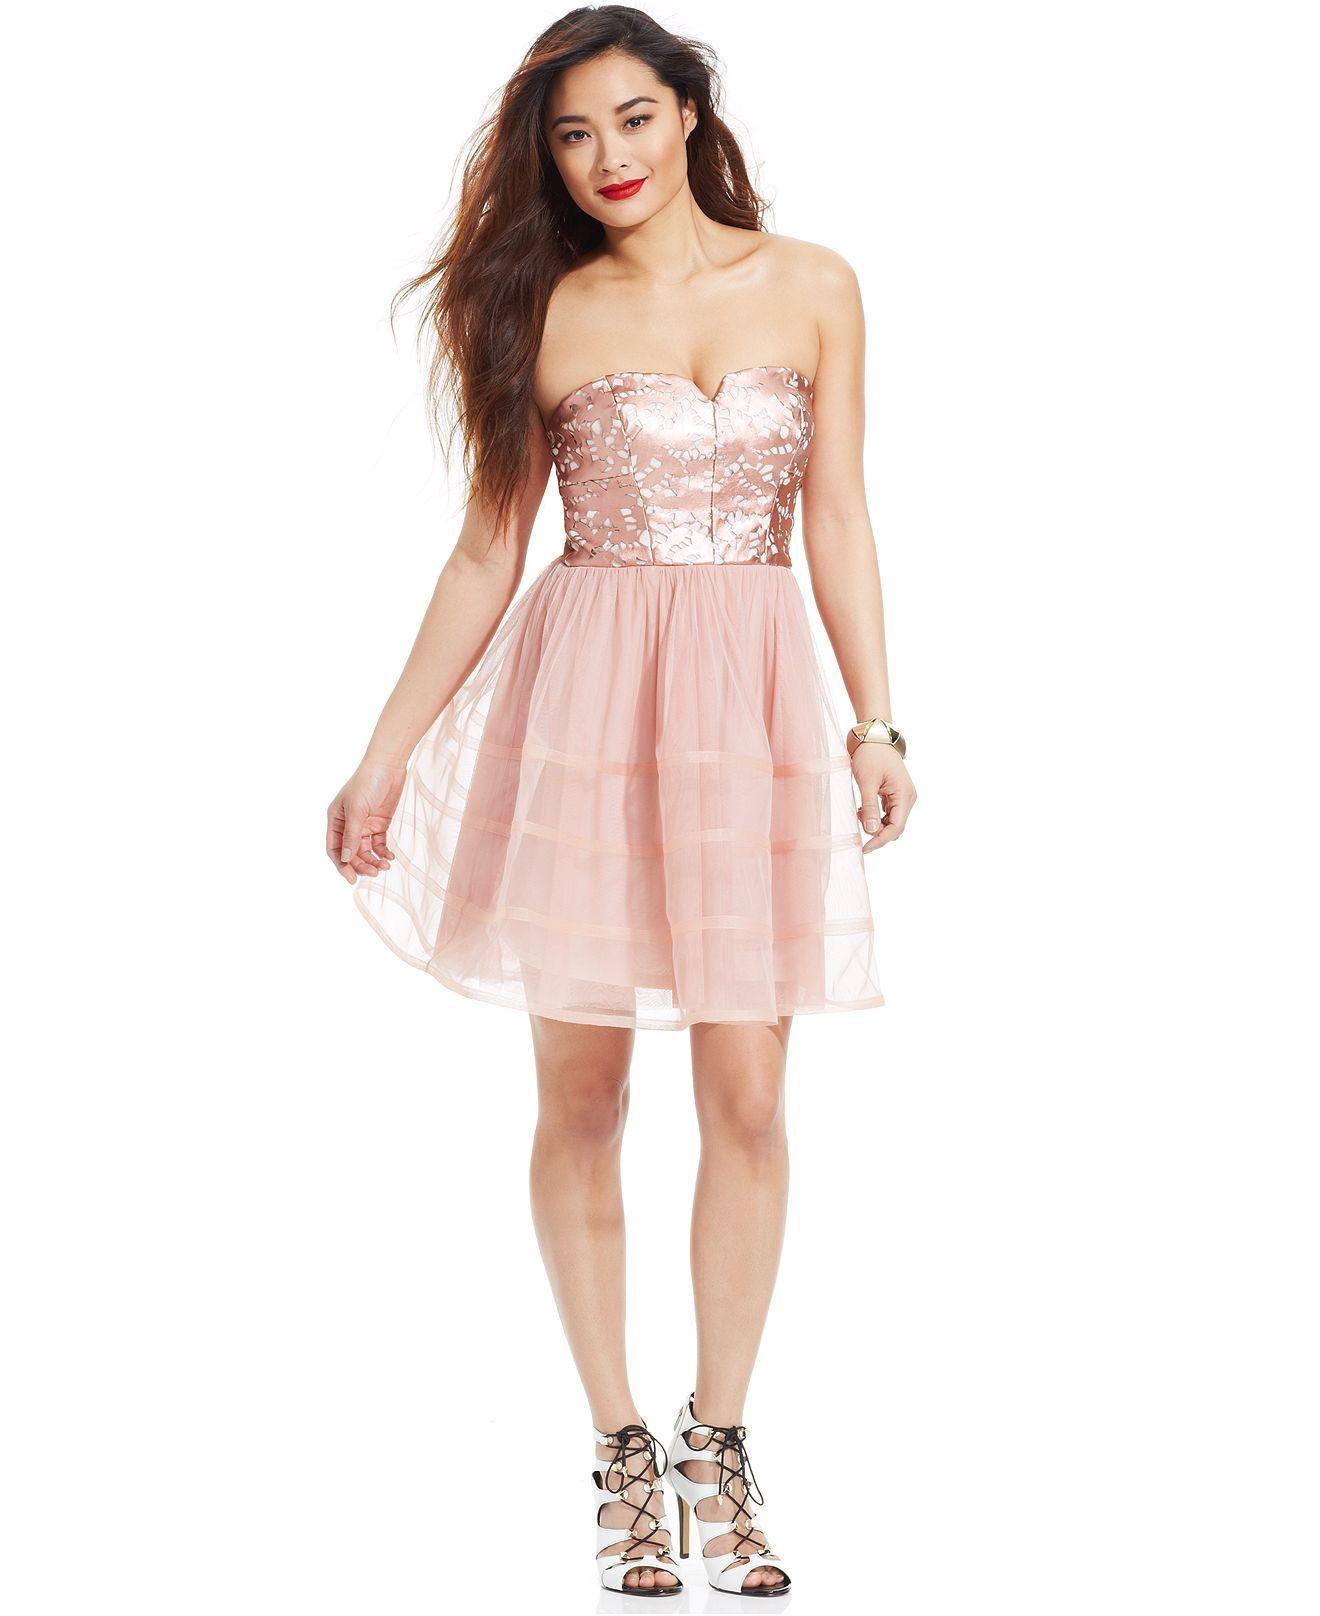 Betsey johnson strapless fauxleather chiffon dress dresses